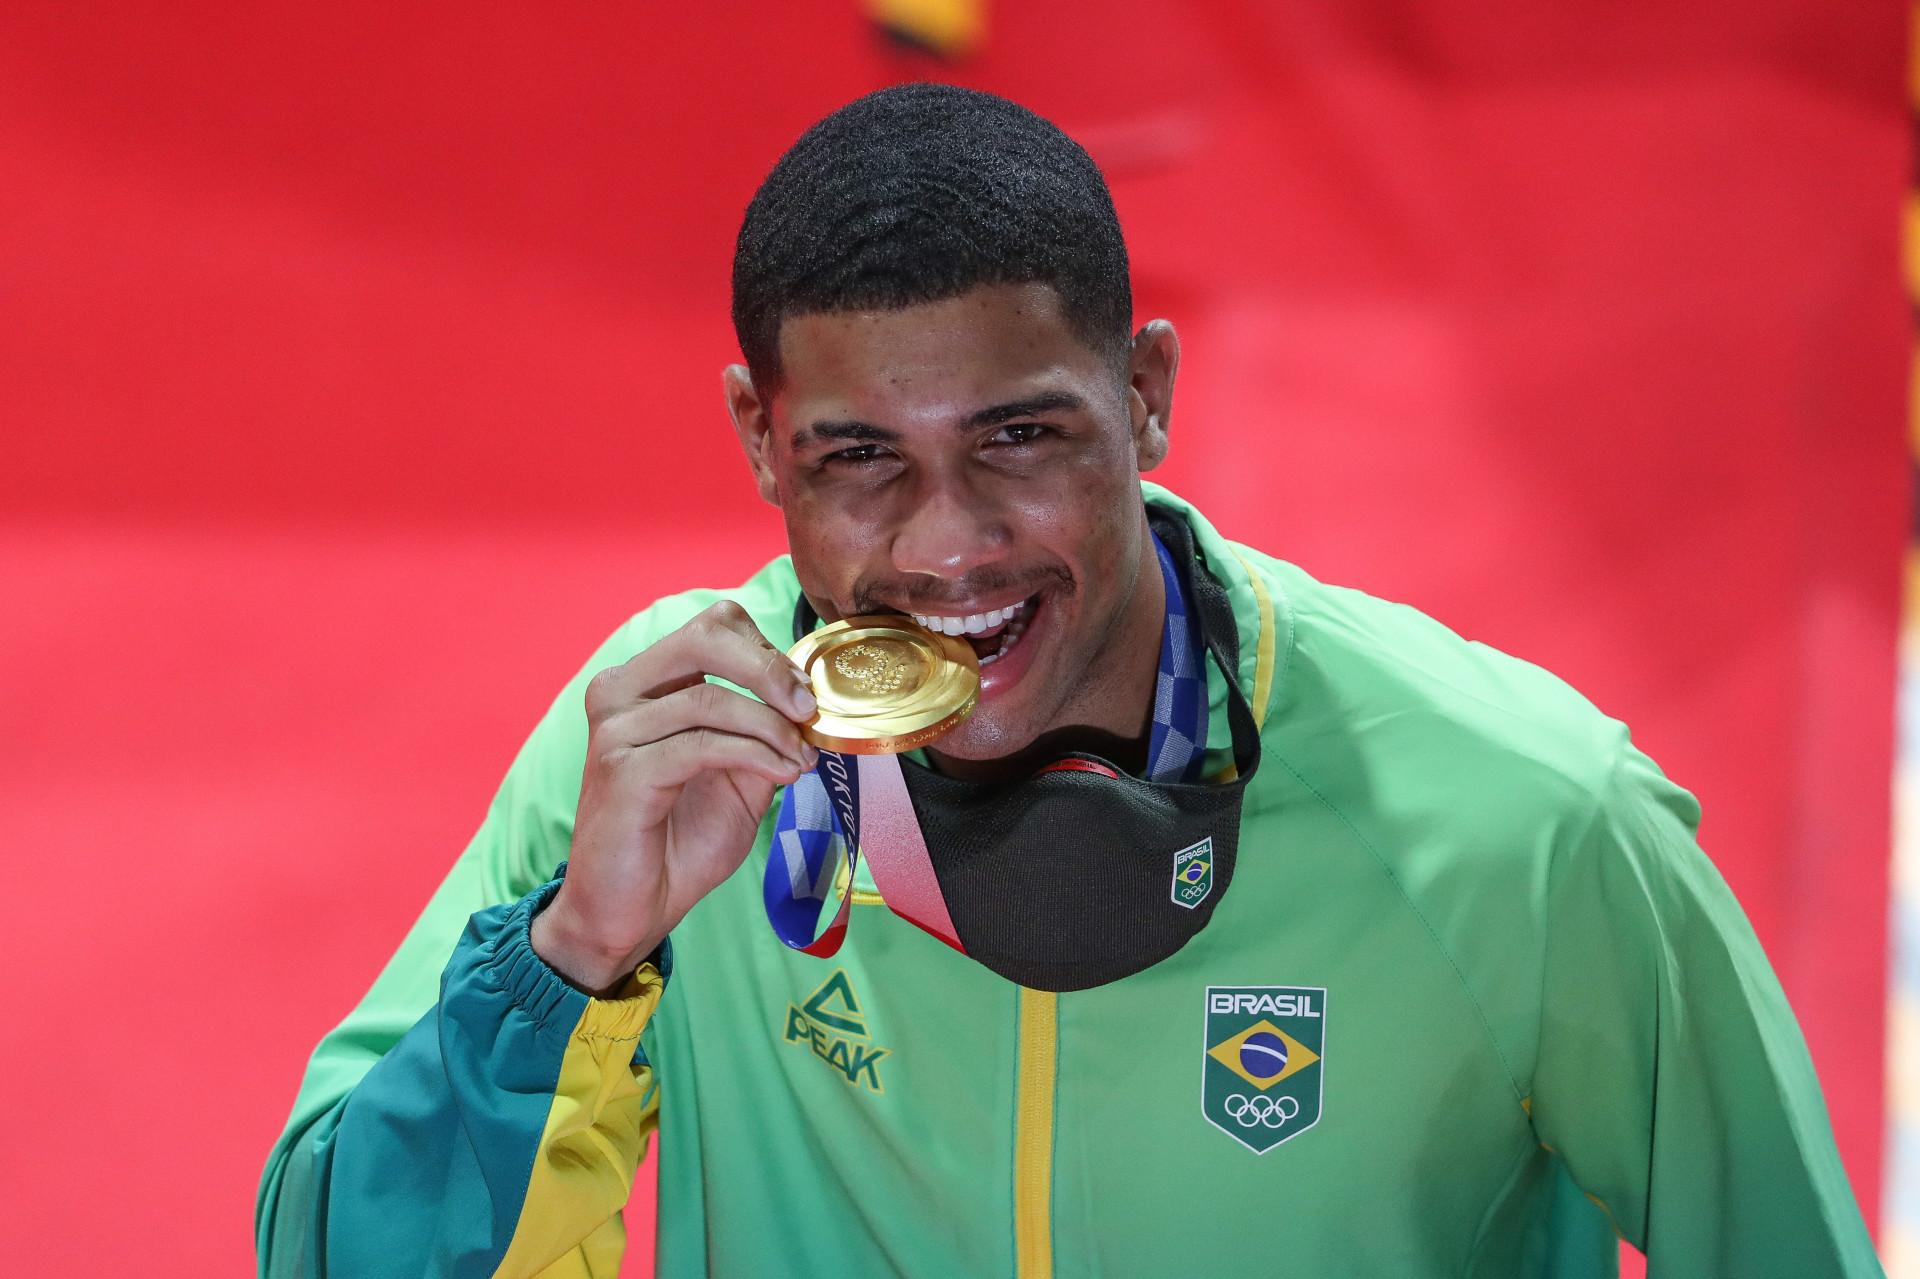 Ouro de Hebert Conceição foi uma das oito medalhas olímpicas brasileiras na história do boxe (Foto: Wander Roberto/COB)